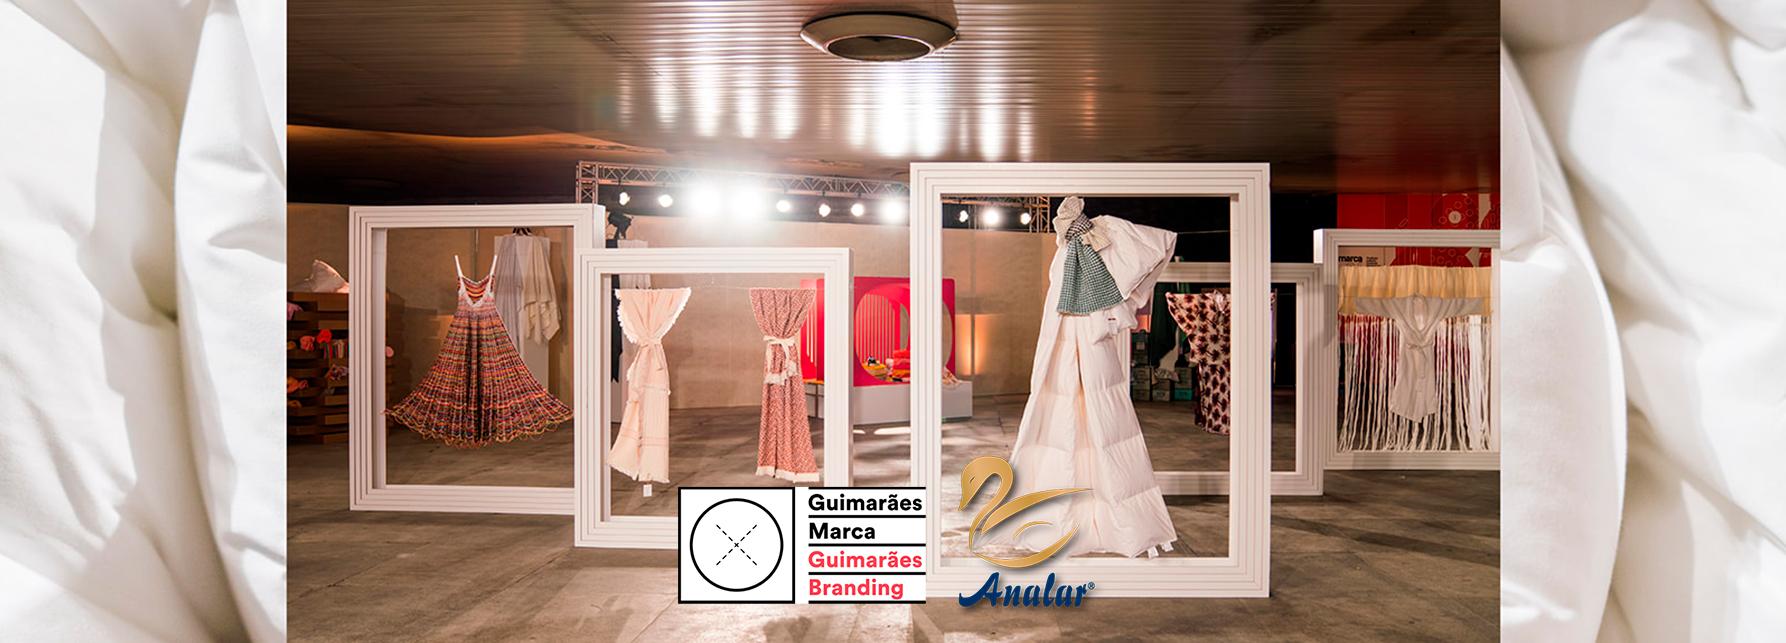 Analar participa na primeira edição do Guimarães Marca Fashion Festival